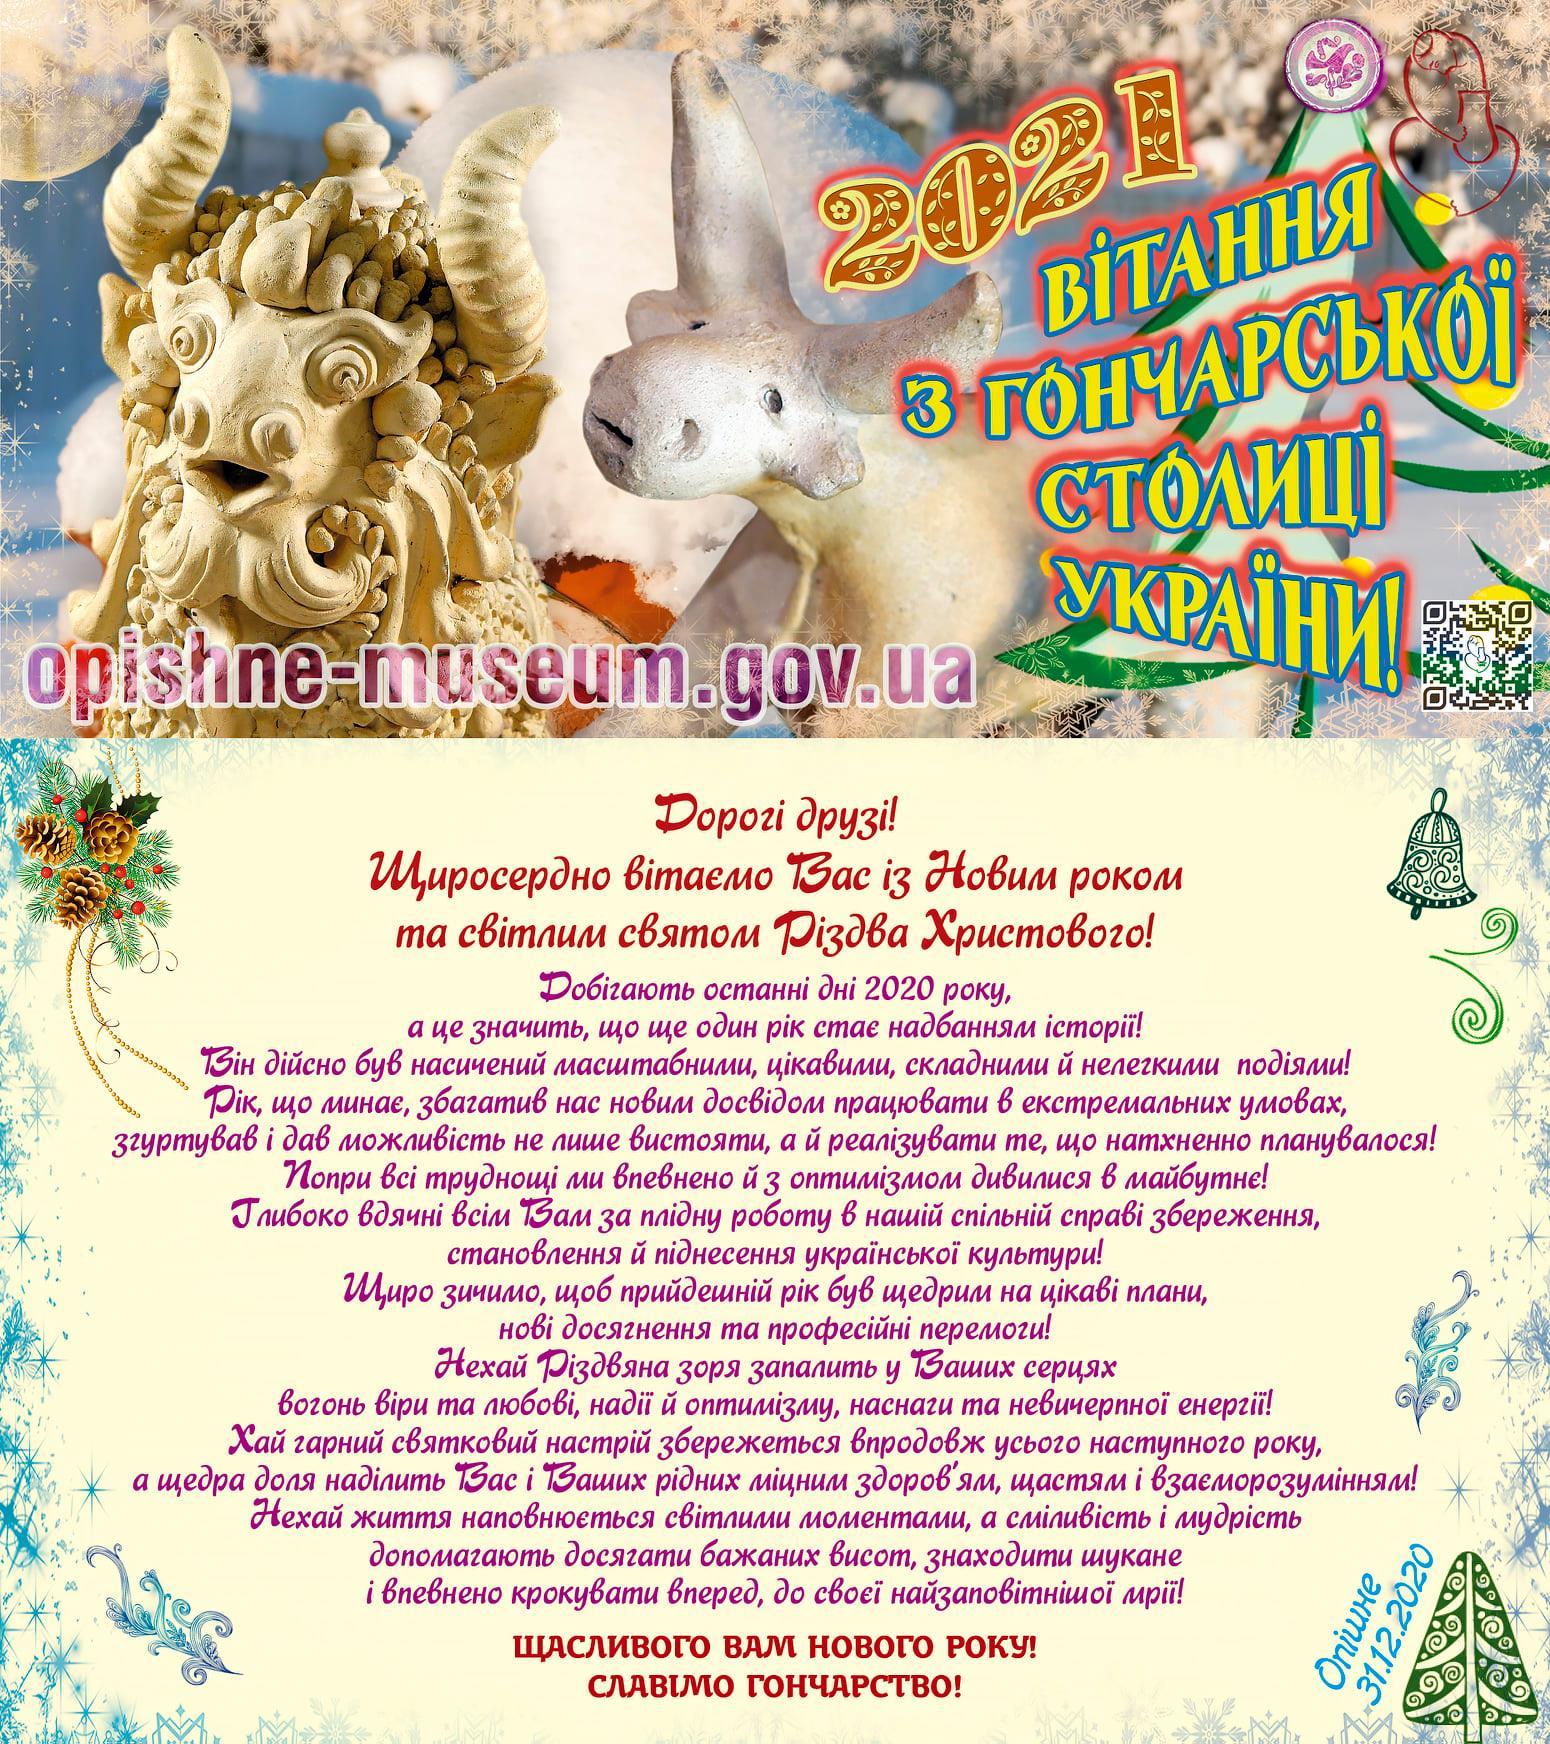 Щиросердно вітаємо Вас із Новим роком та світлим святом Різдва Христового!